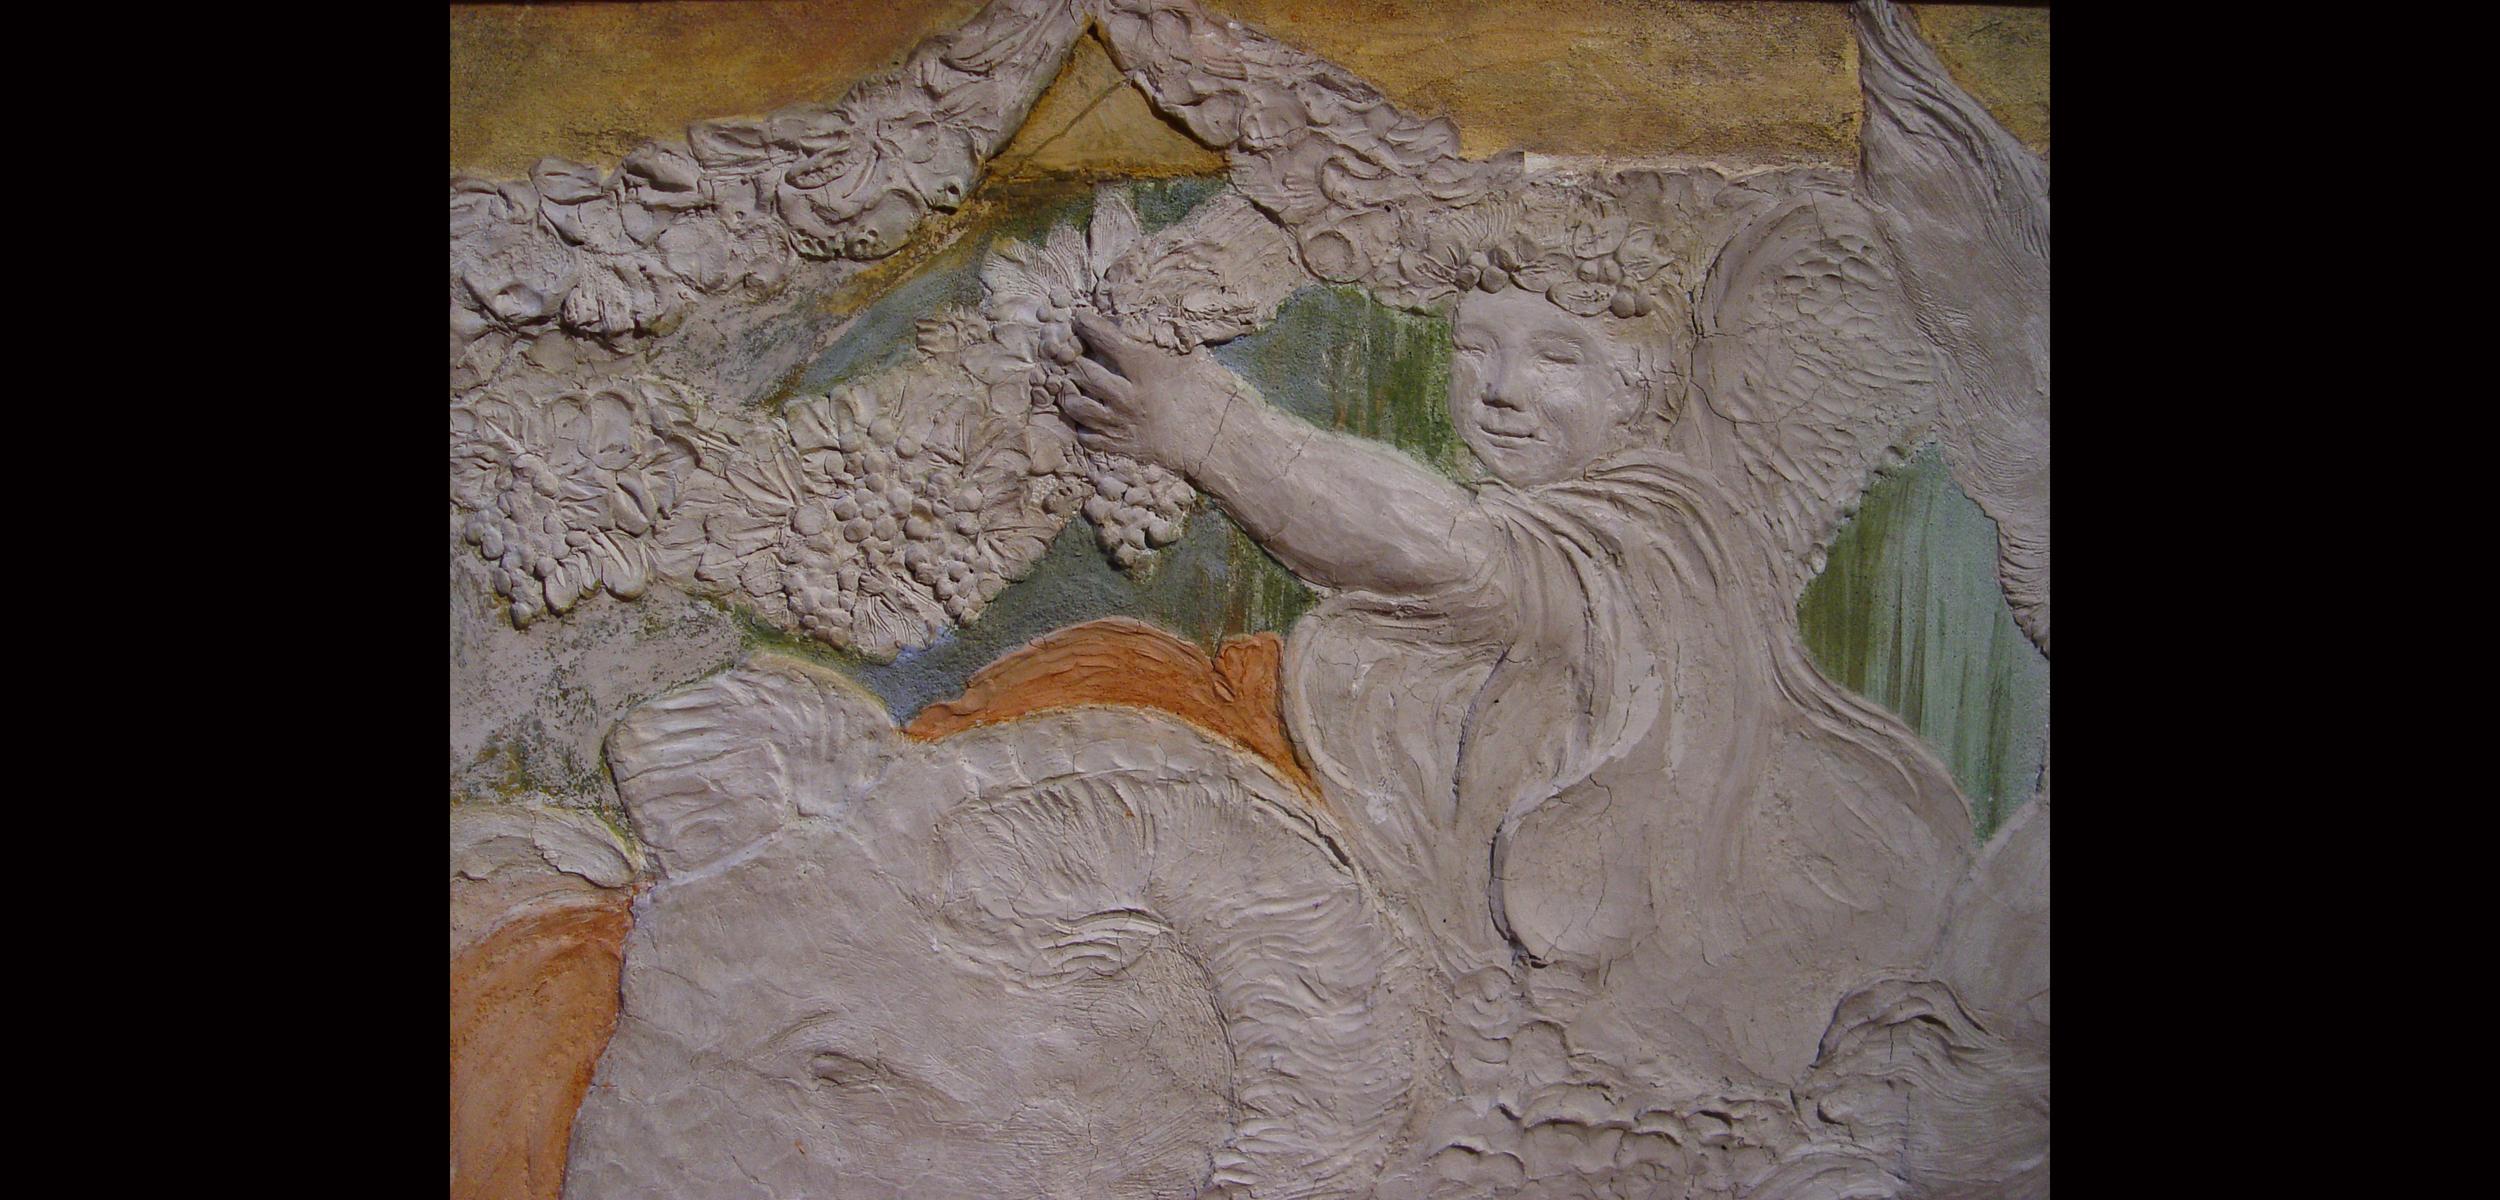 Angelo con uva relief web.jpg